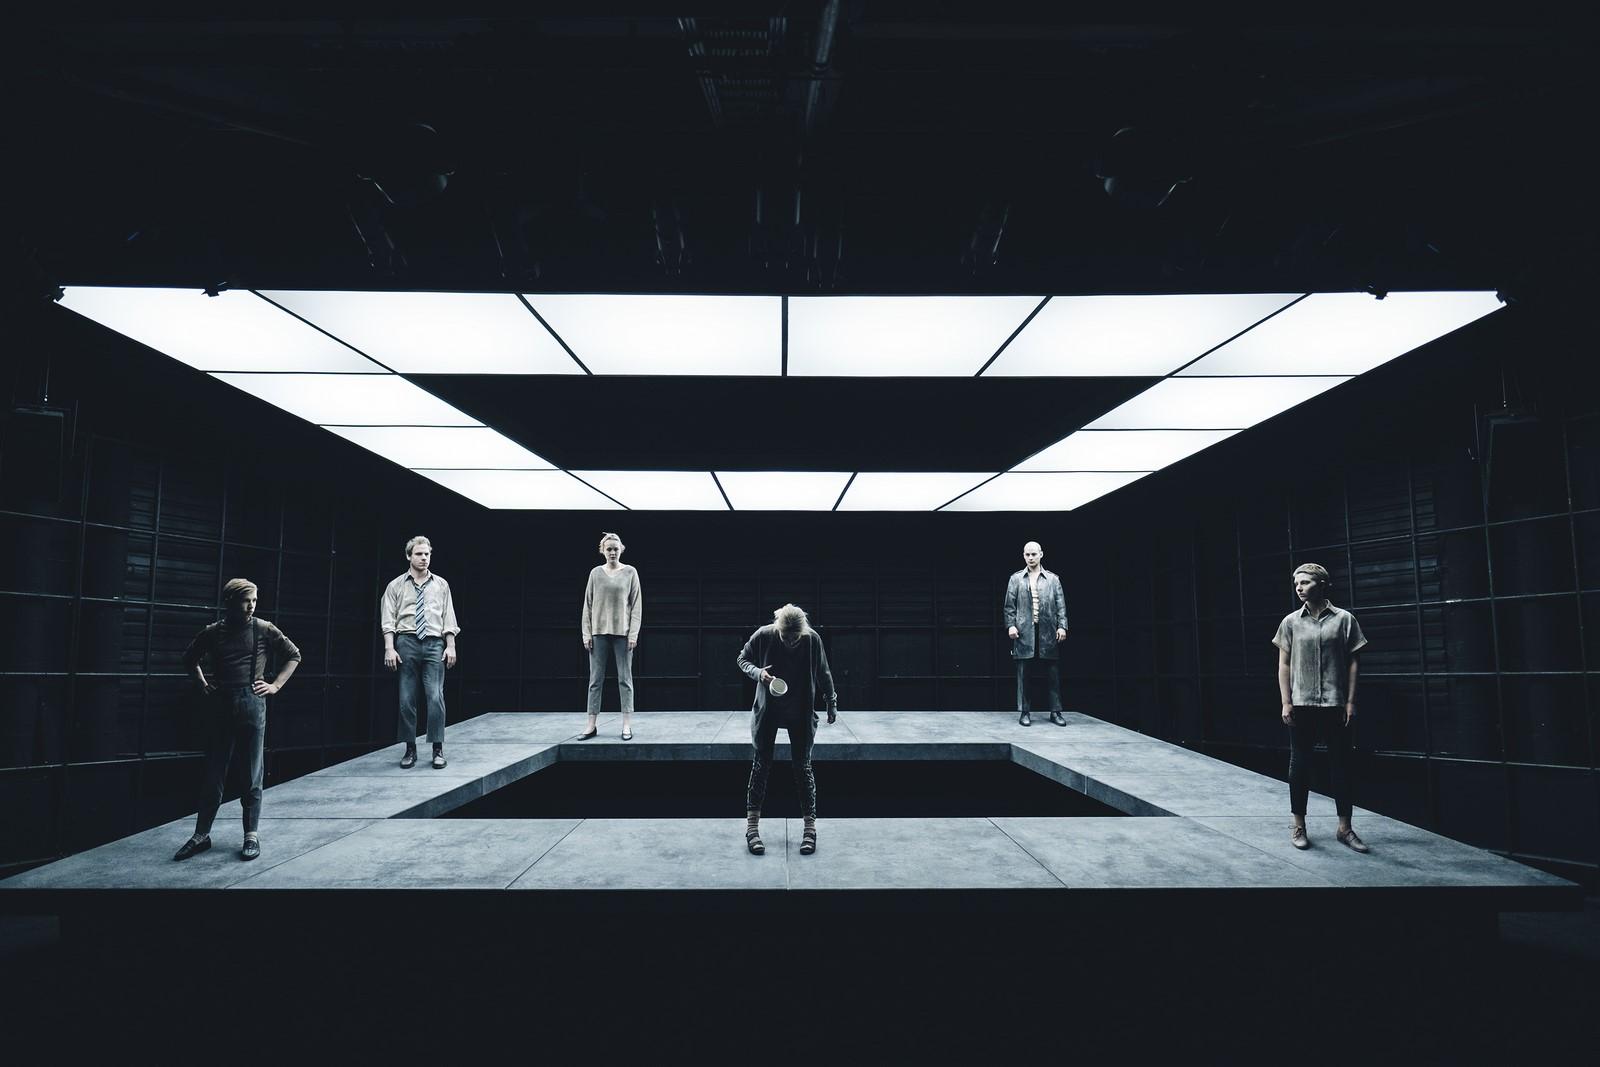 Anmeldelse: 100 sange, Aarhus Teater (Aarhus Teater og Den Danske Scenekunstskole, Skuespil, Århus)